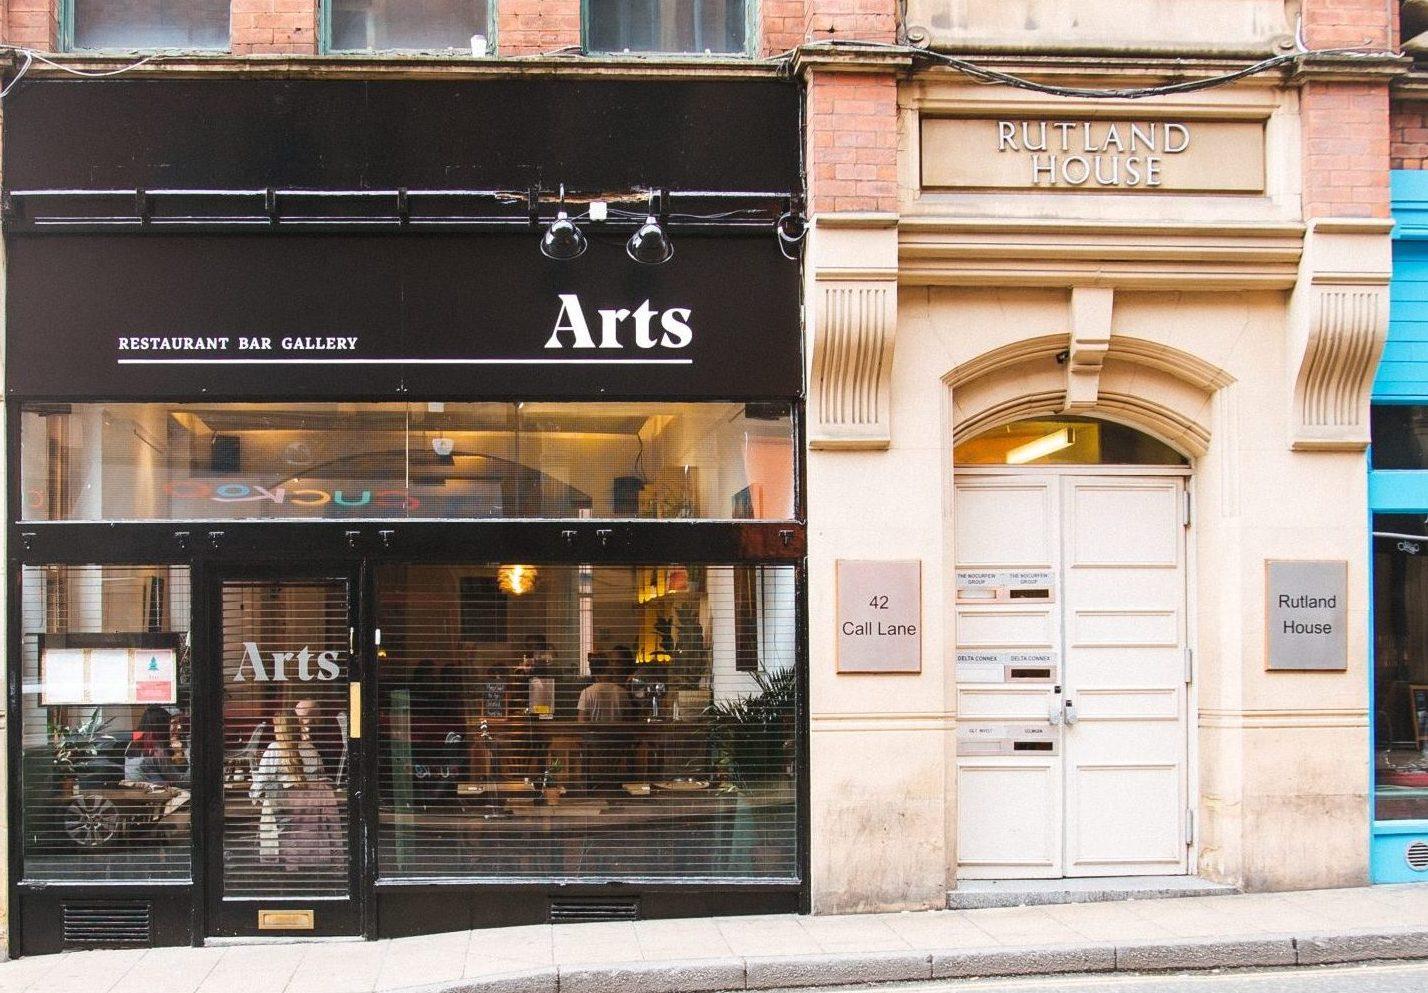 03.11.18 Arts Leeds (1 of 3)